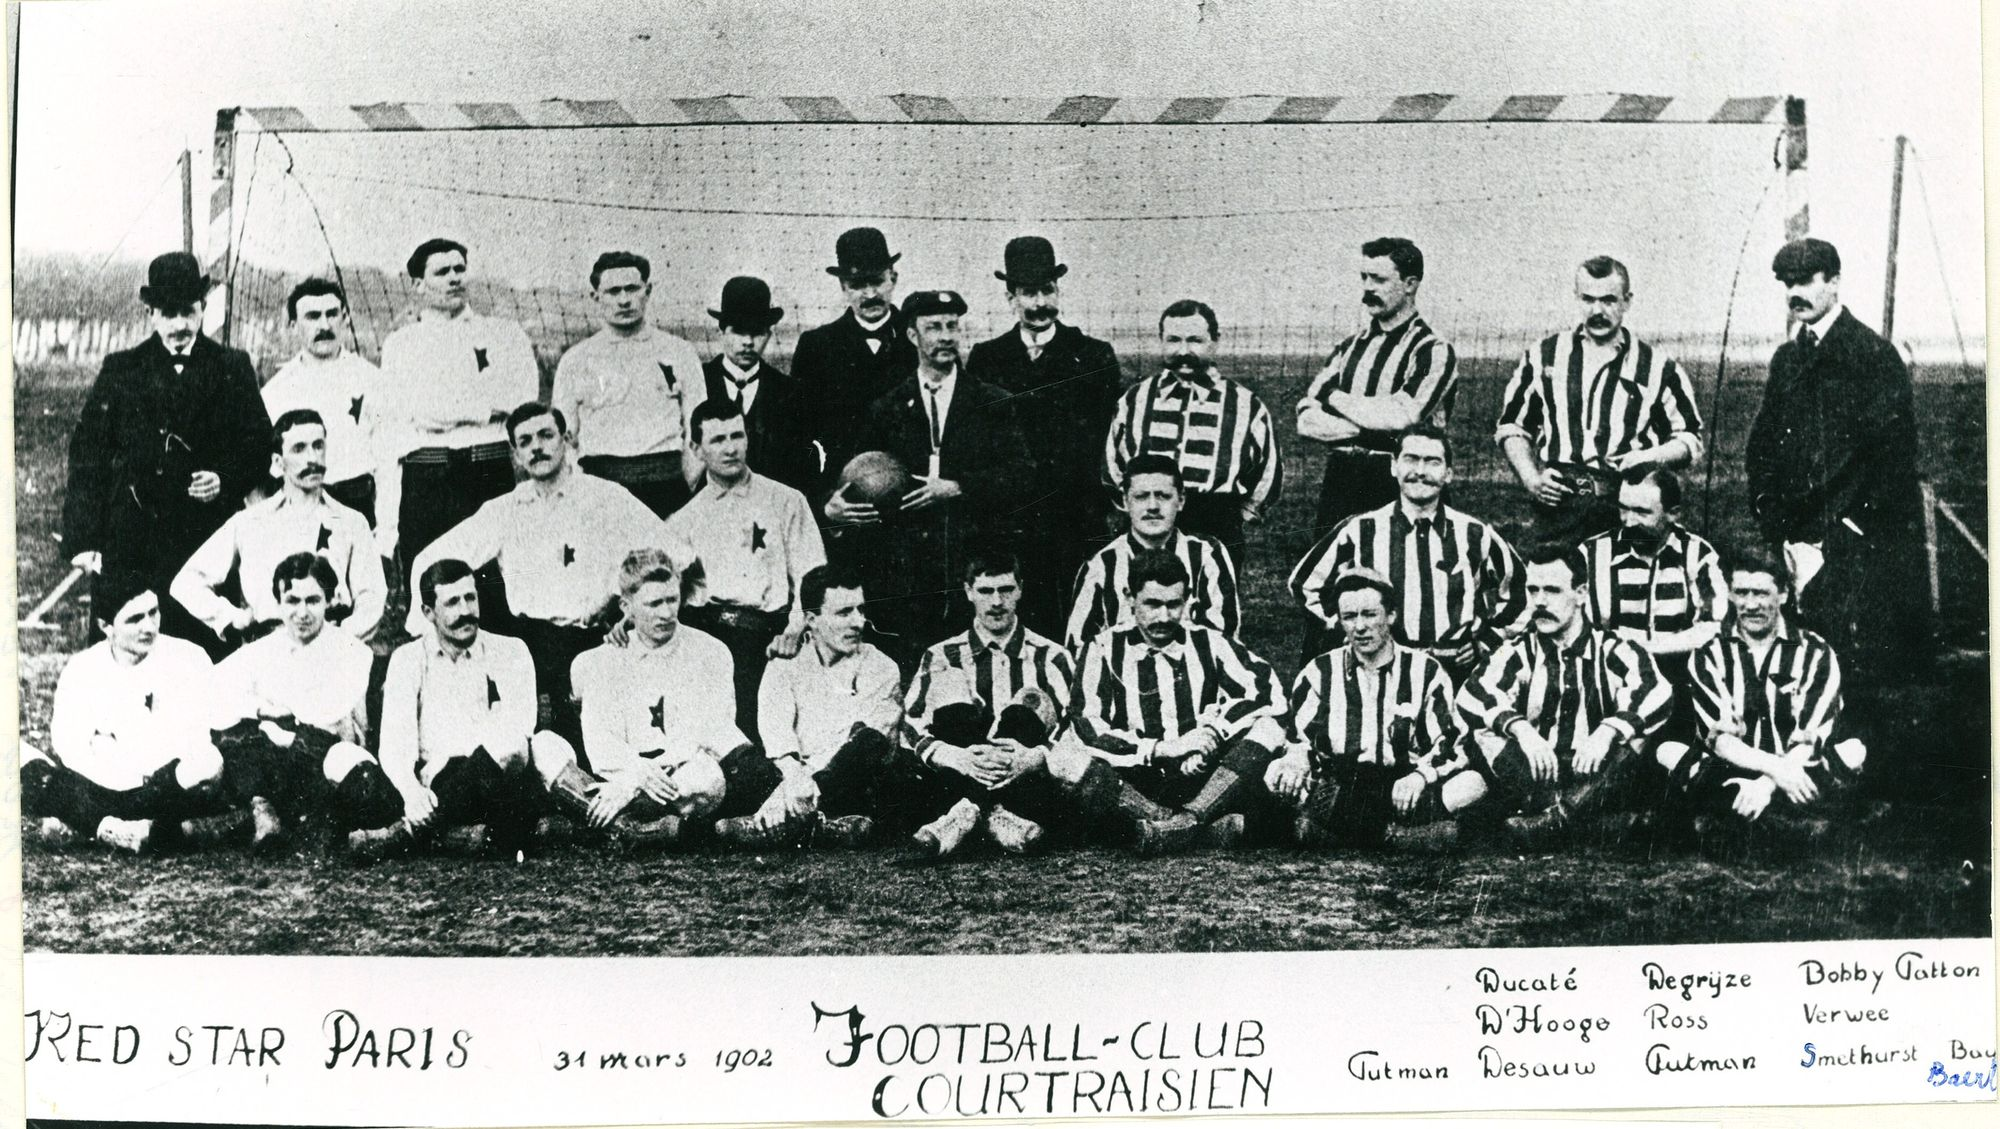 Football-club courtraisien 1902